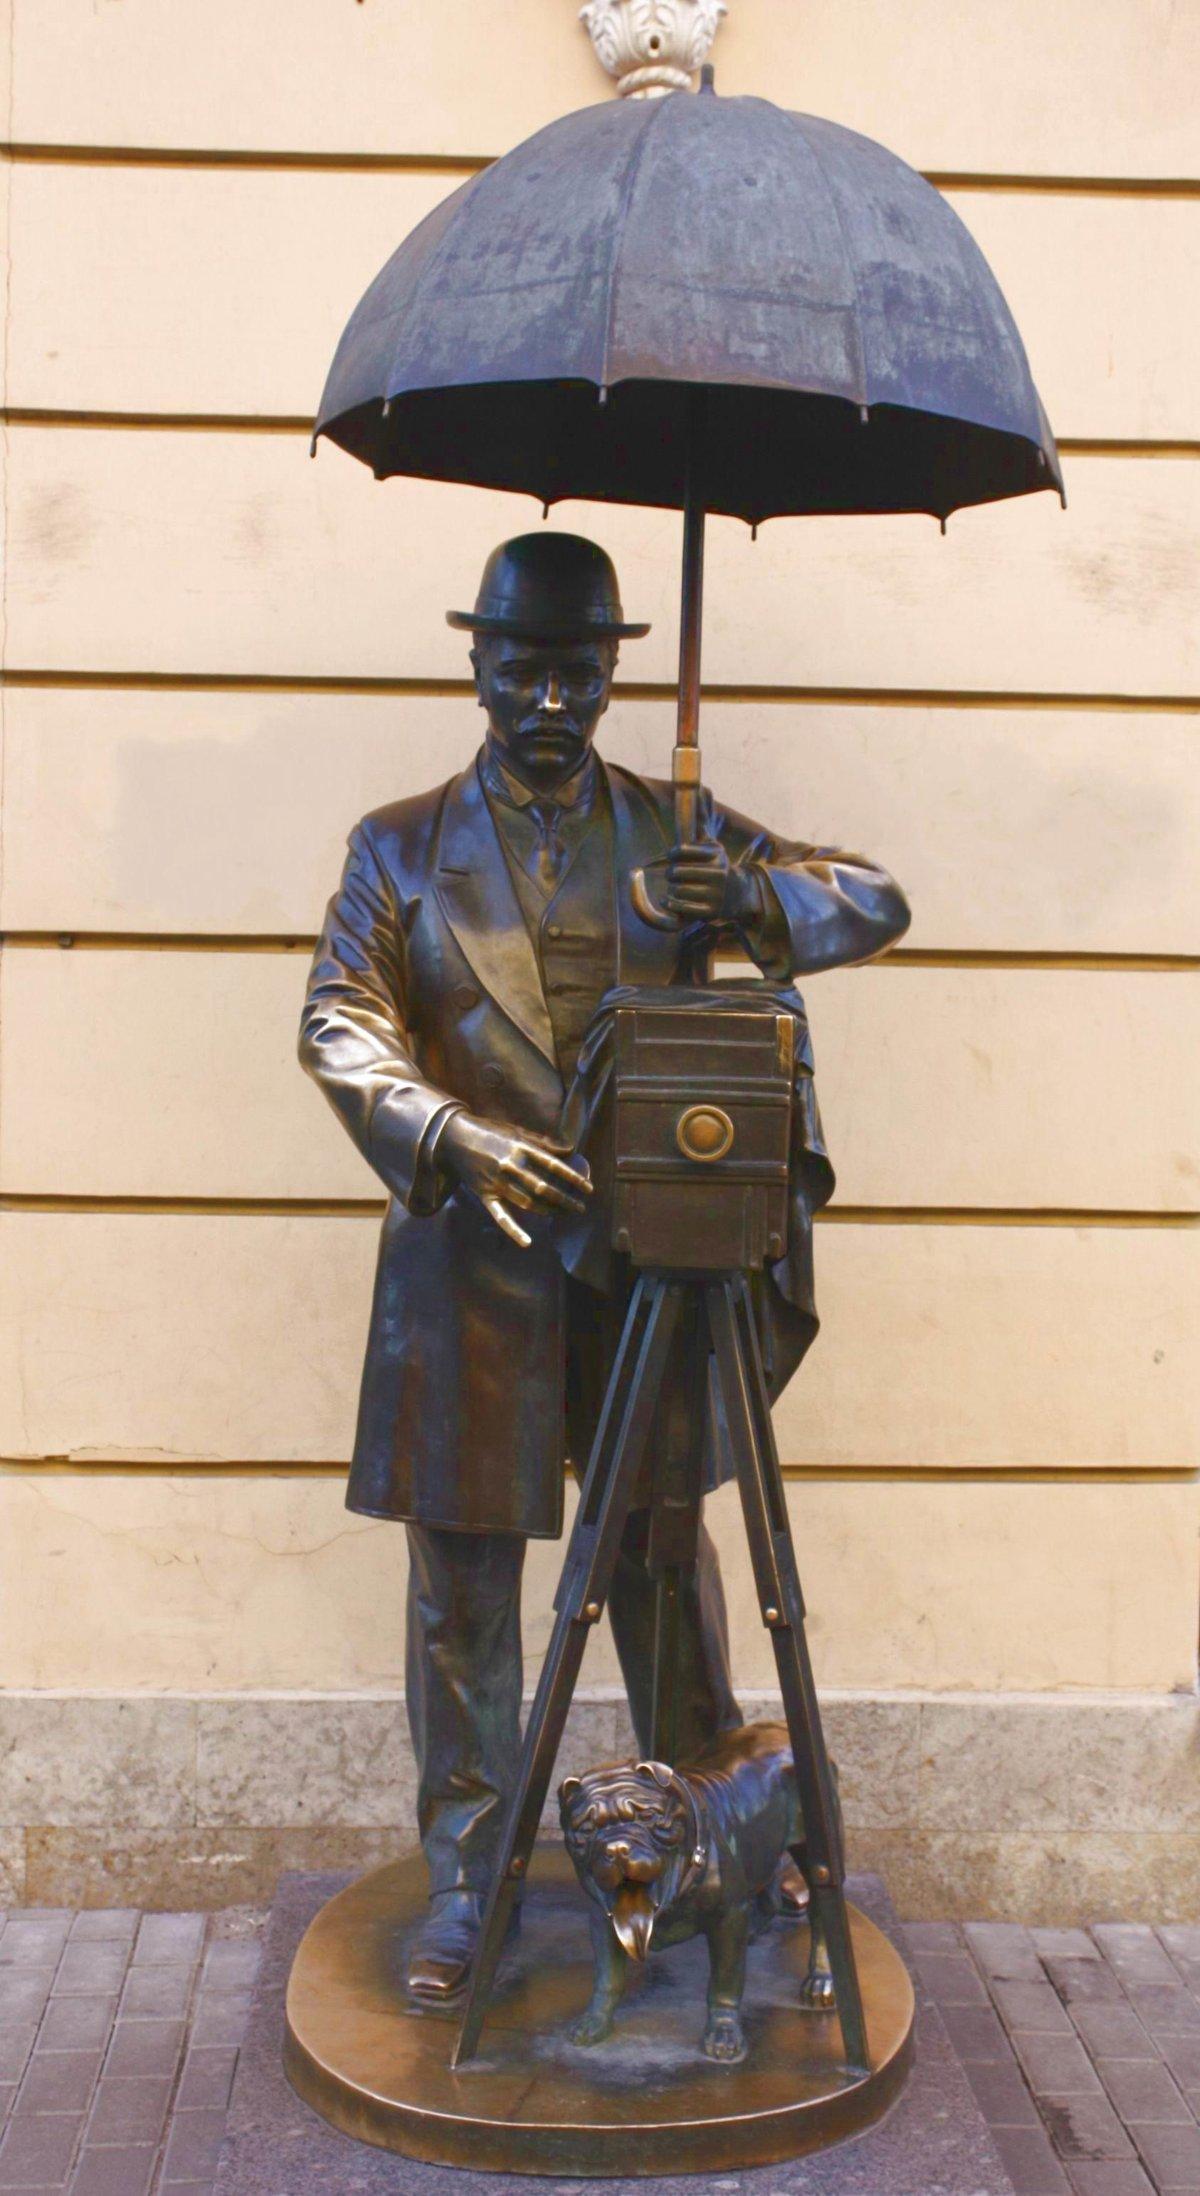 превосходный памятник фотографу санкт петербург говорил, что его